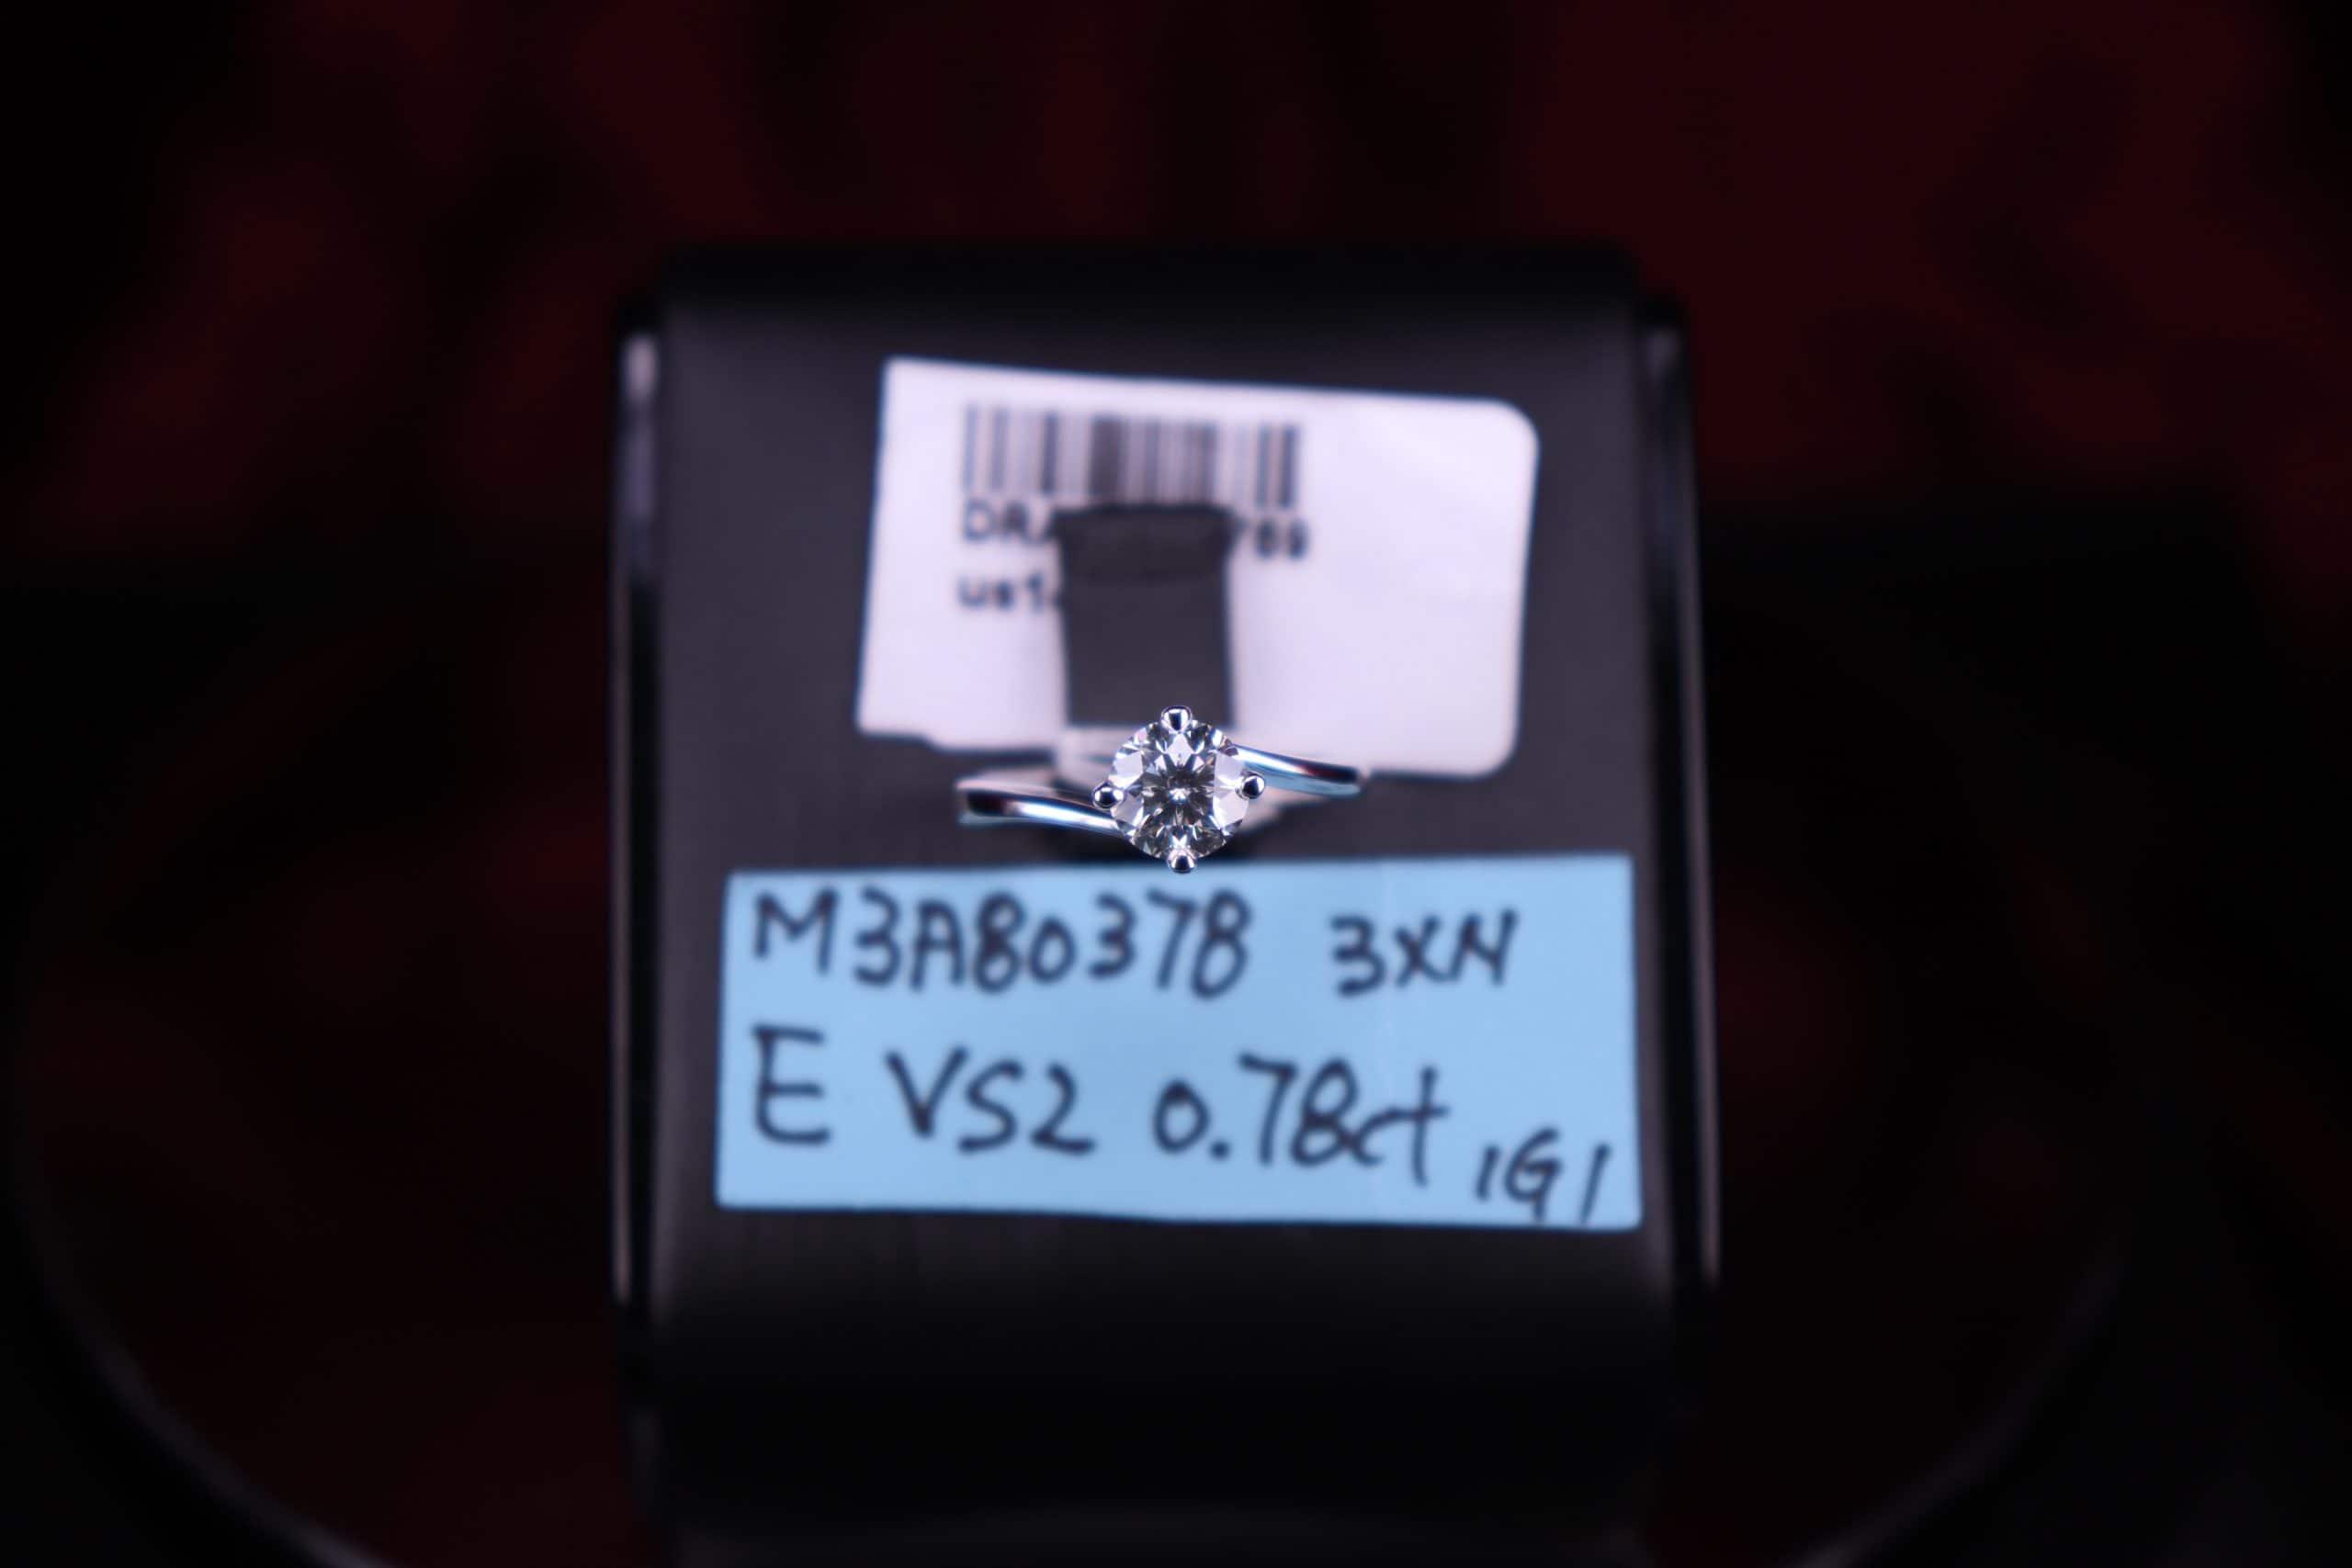 E VS2 0.78